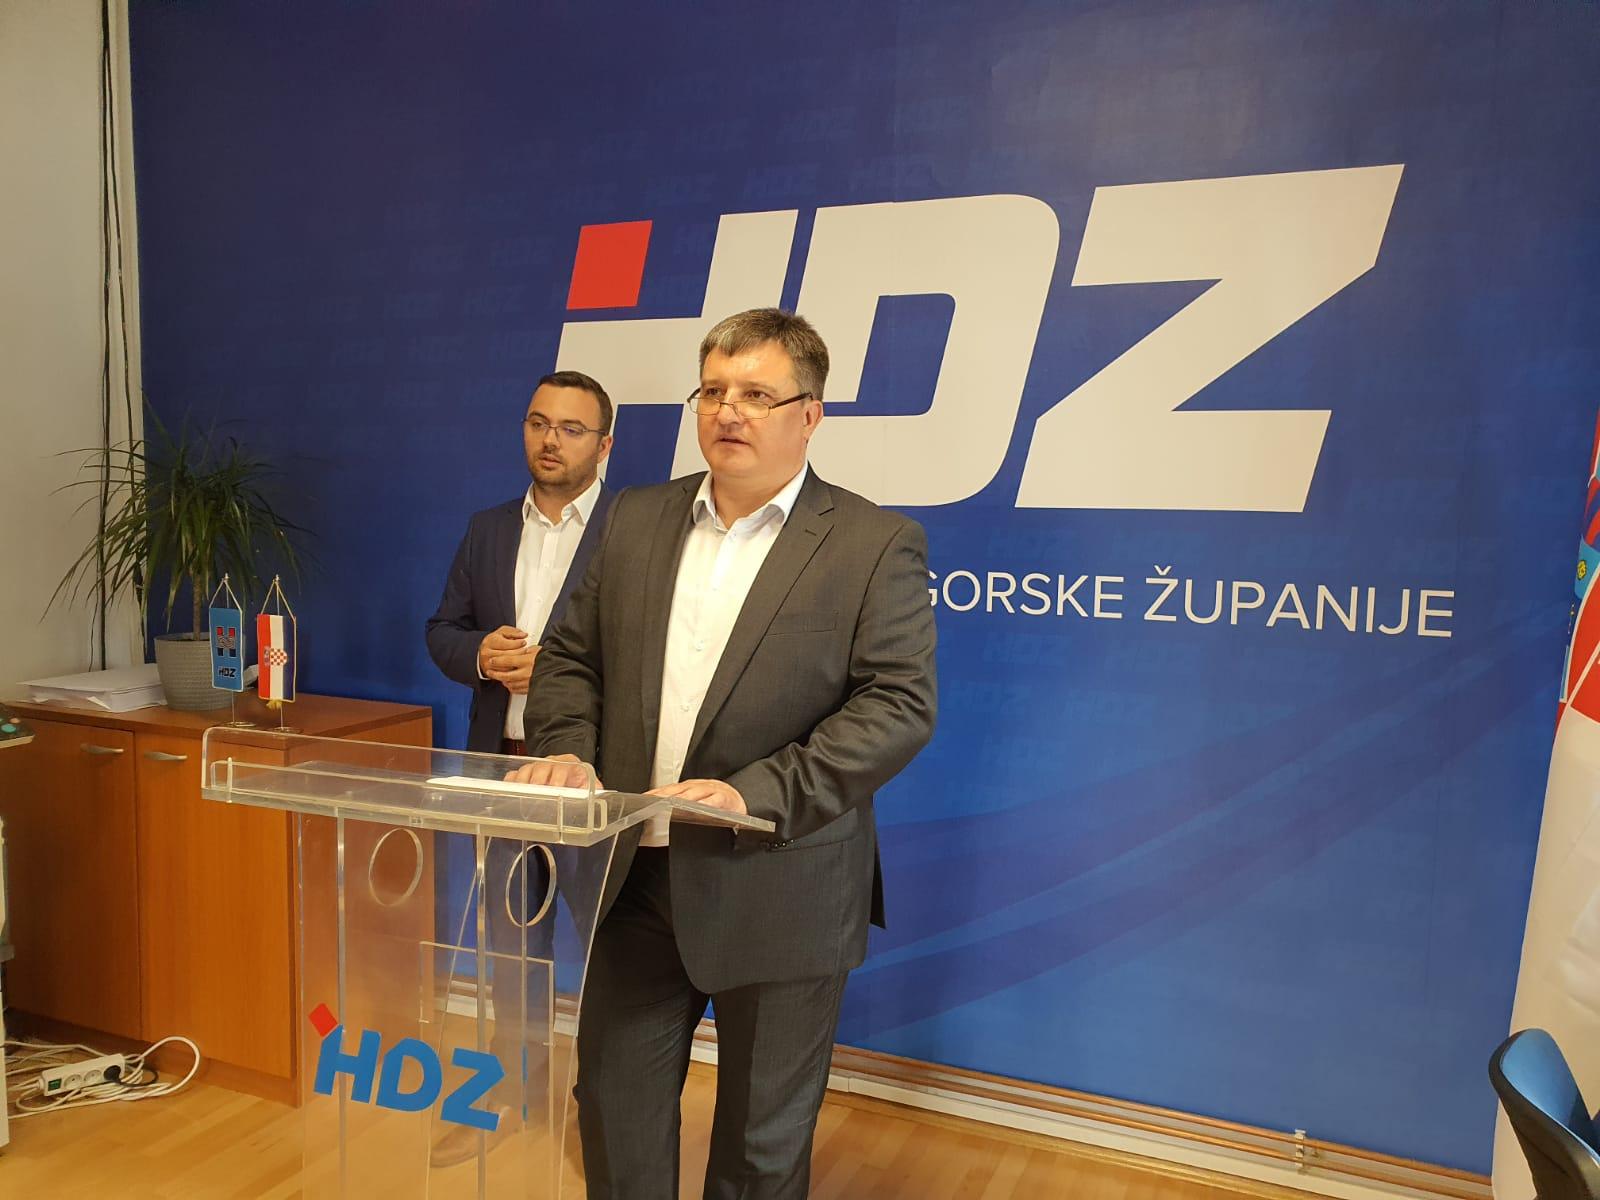 GOTOVI IZBORI U HDZ-u Totgergeli: Hvala svima, spremni smo za novi izazov – osvajanje lokalnih izbora!